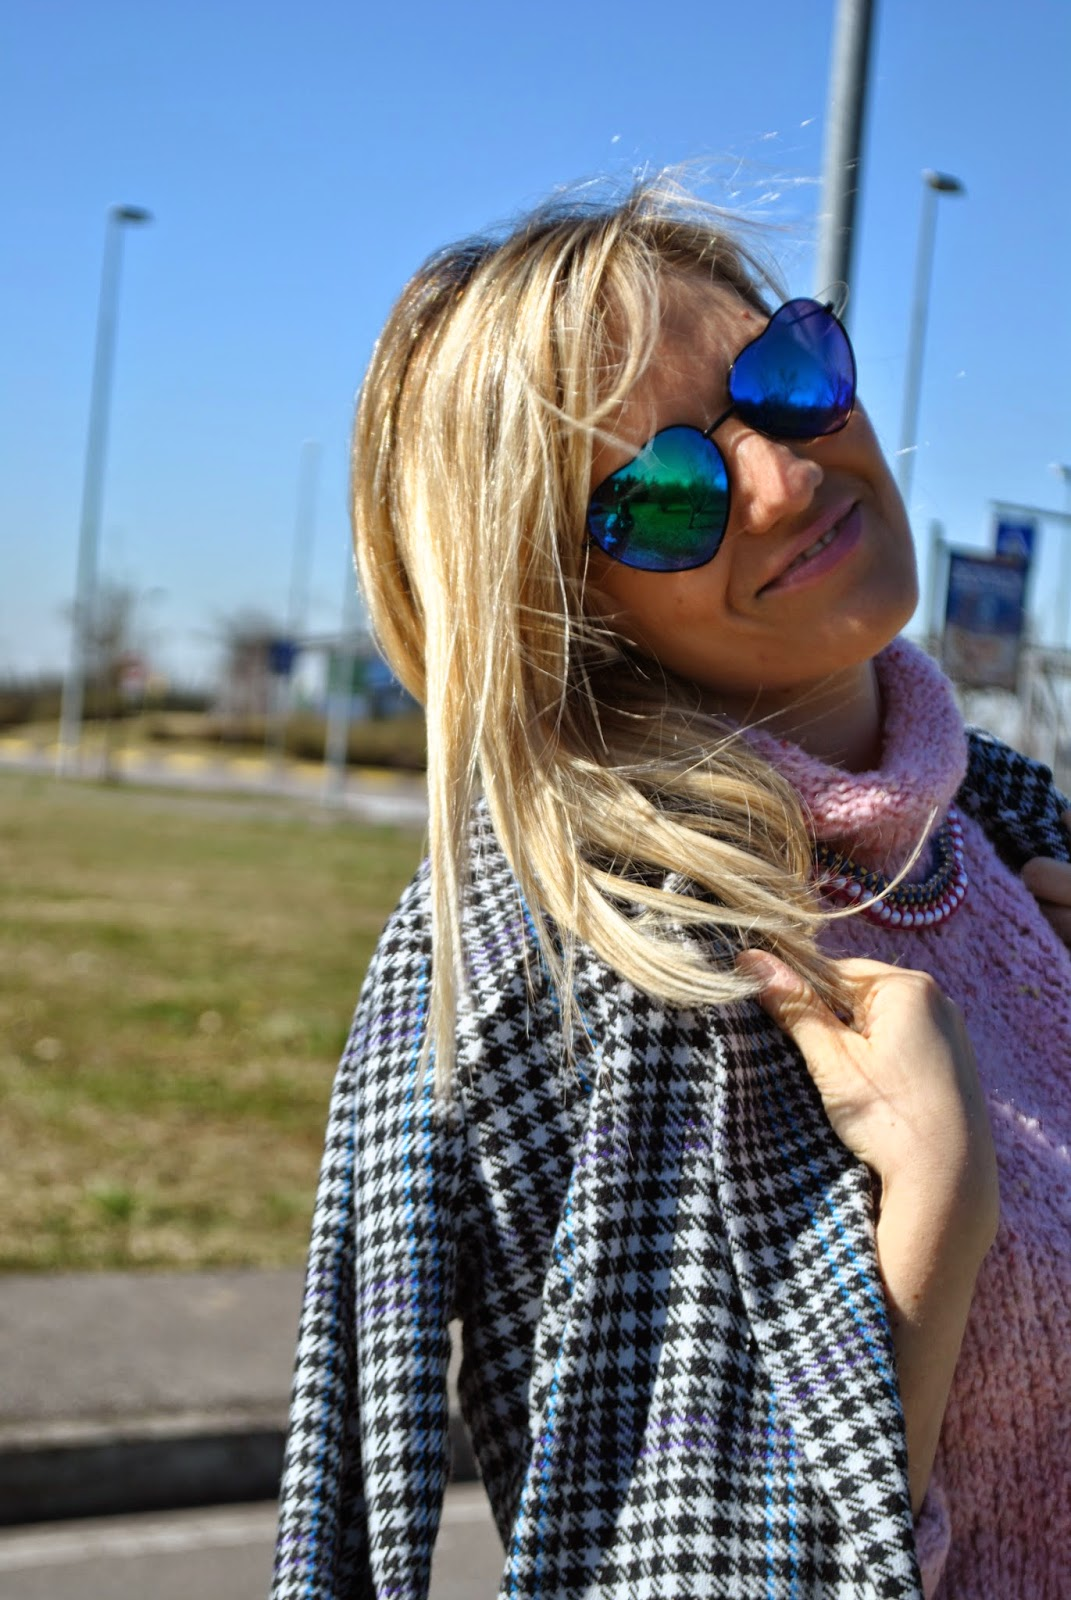 outfit cappotto oversize outfit jeans grigi outfit maglione rosa outfit maglione a collo alto outfit scarpe blu mariafelicia magno color-block by felym come abbinare il rosa outfit rosa come abbinare il maglione a collo alto outfit grigio outfit jeans skinny come abbinare il grigio outfit scarpe blu come abbinare il blu abbinamenti blu outfit blu majique mariafelicia magno fashion blogger ragazze bionde fornarina majique jewels couture zara outfit invernale outfit invernale ragazza fashion blogger italiane blog di moda italiani girls winter outfits skinny jeans outfit grey outfit blue heels fashion bloggers italy colorblock by felym